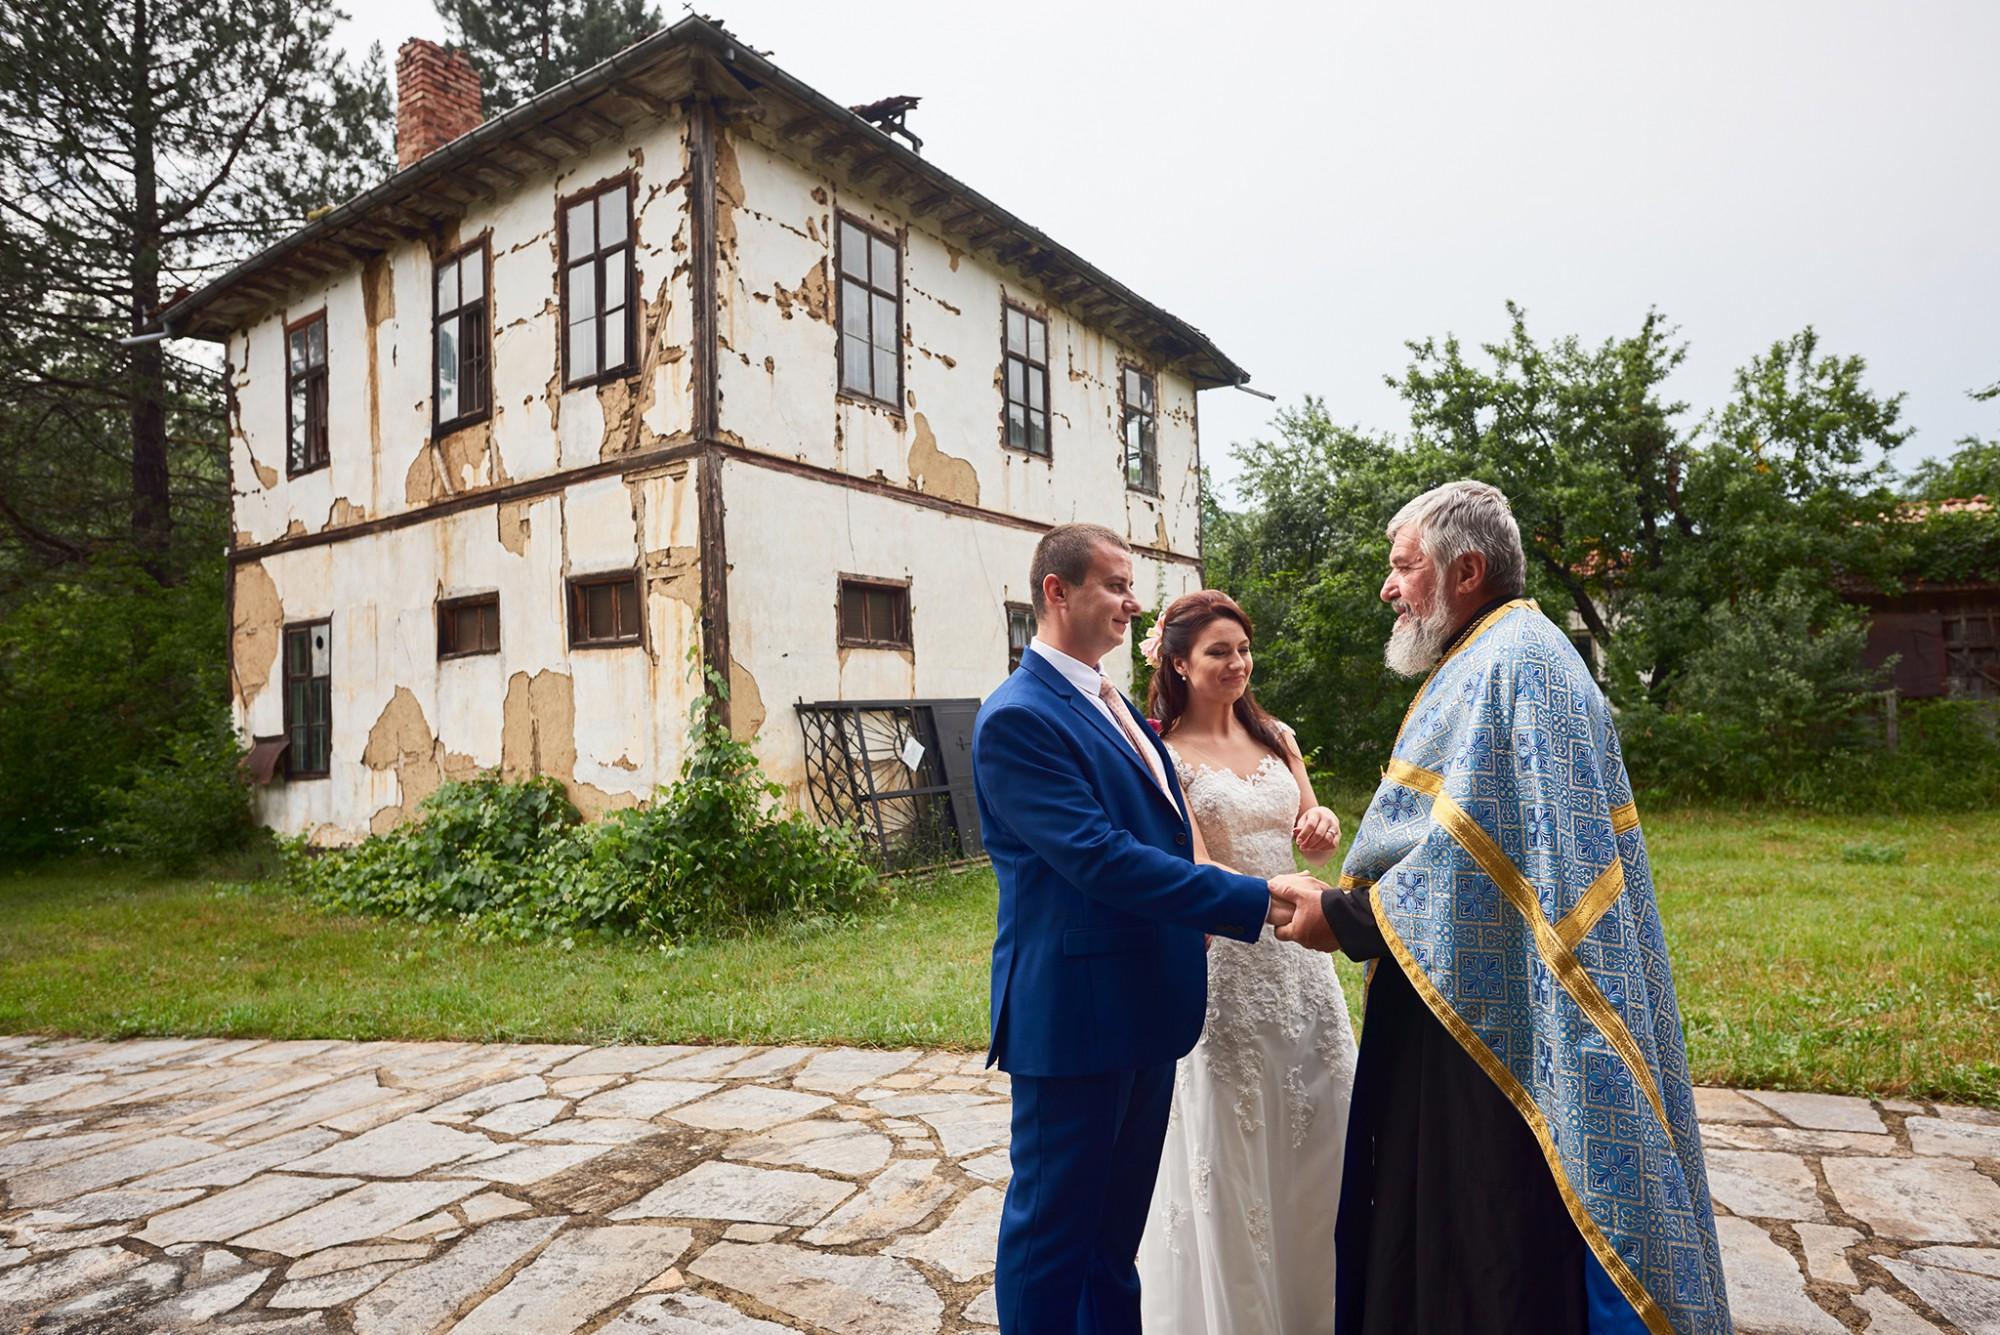 Сватбена фотосесия, сватбена фотография